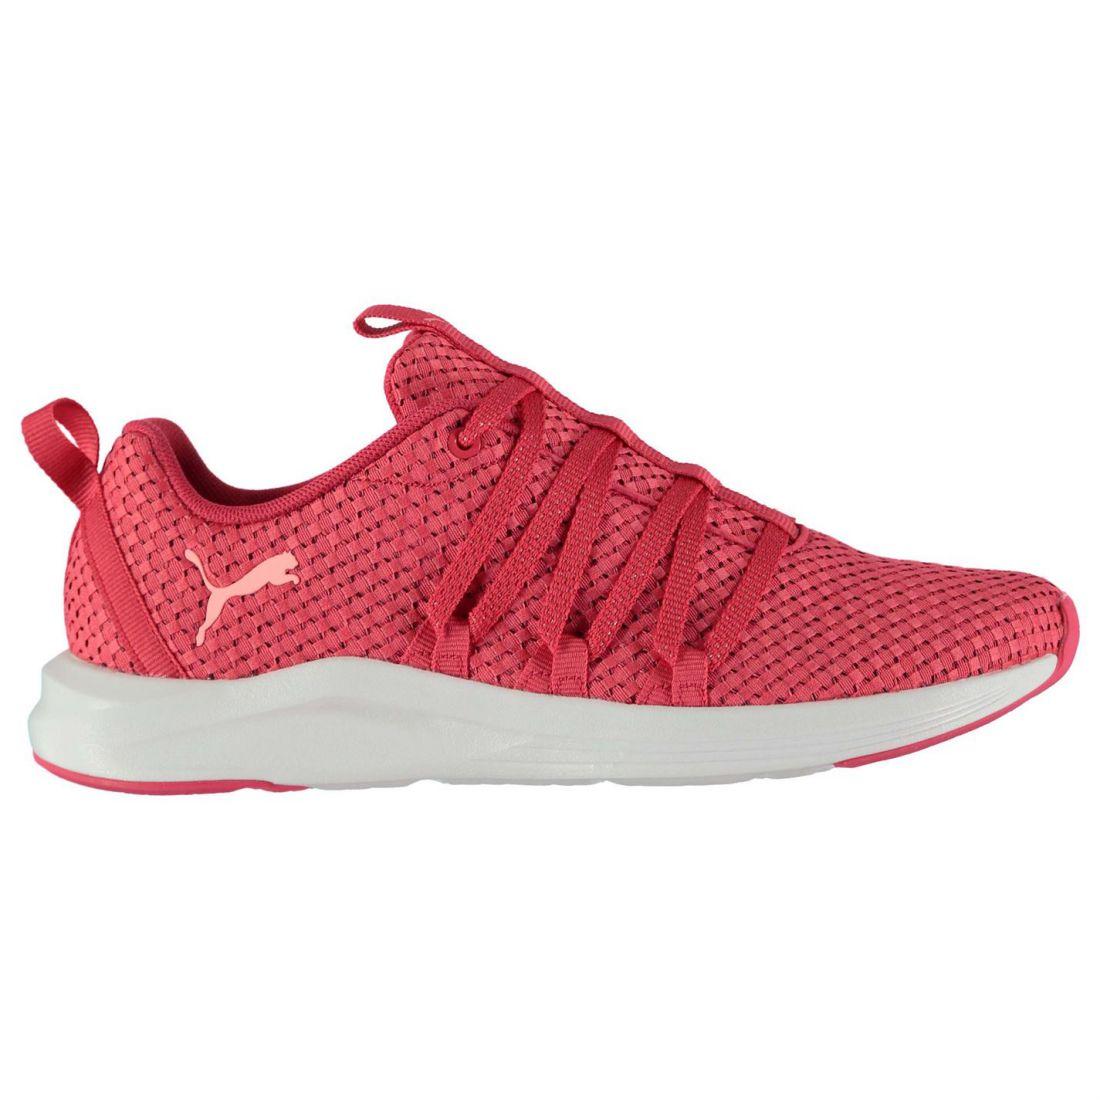 Puma Prowl Weave Sneakers Ladies Ladies Ladies Runners Laces Fastened Padded Ankle Collar af8cc0